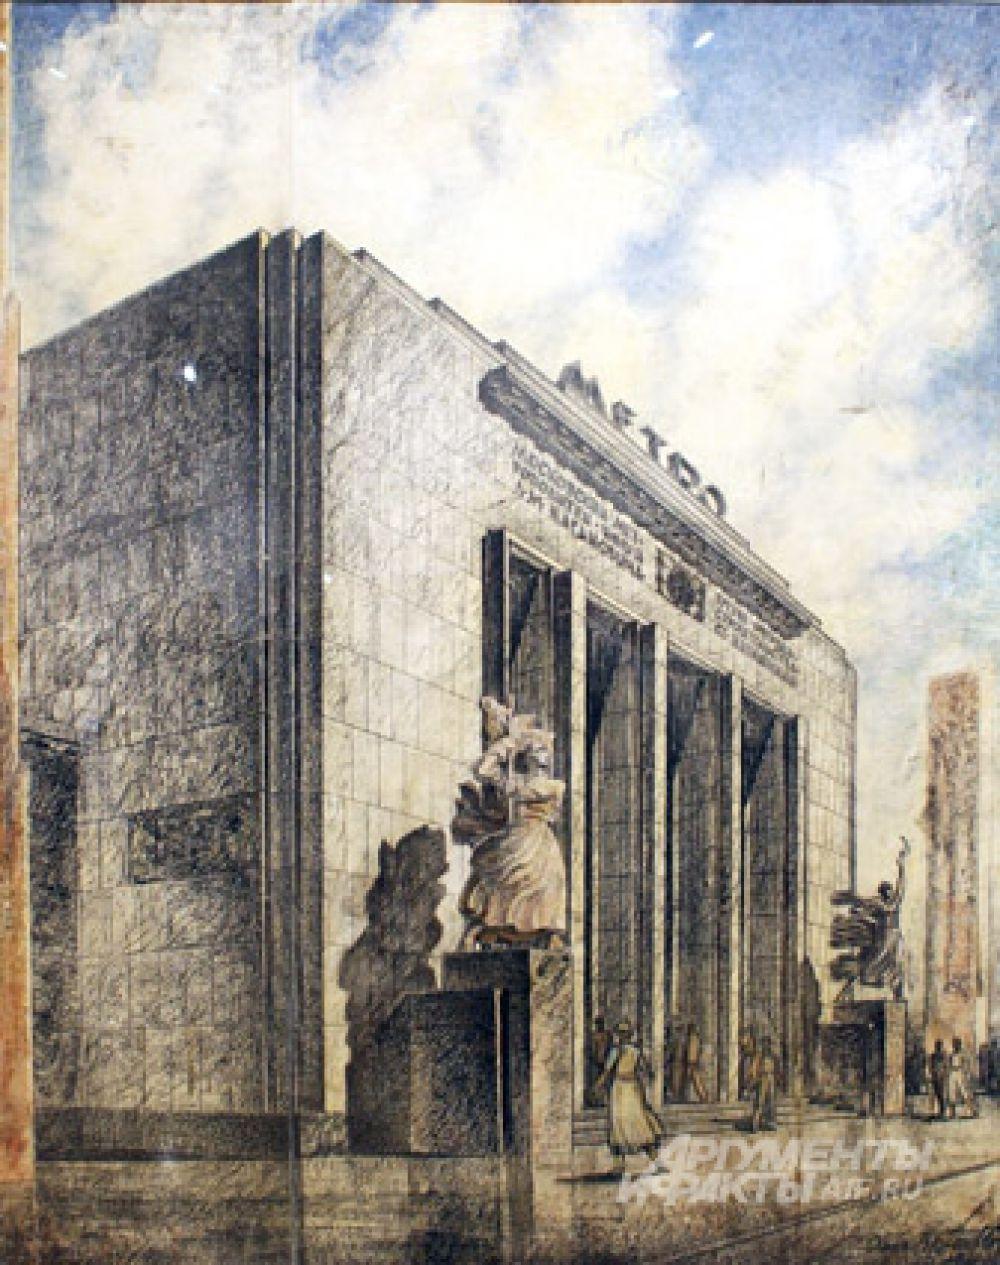 Проект станции метро «Спартаковская» (ныне «Бауманская»). 1940 год